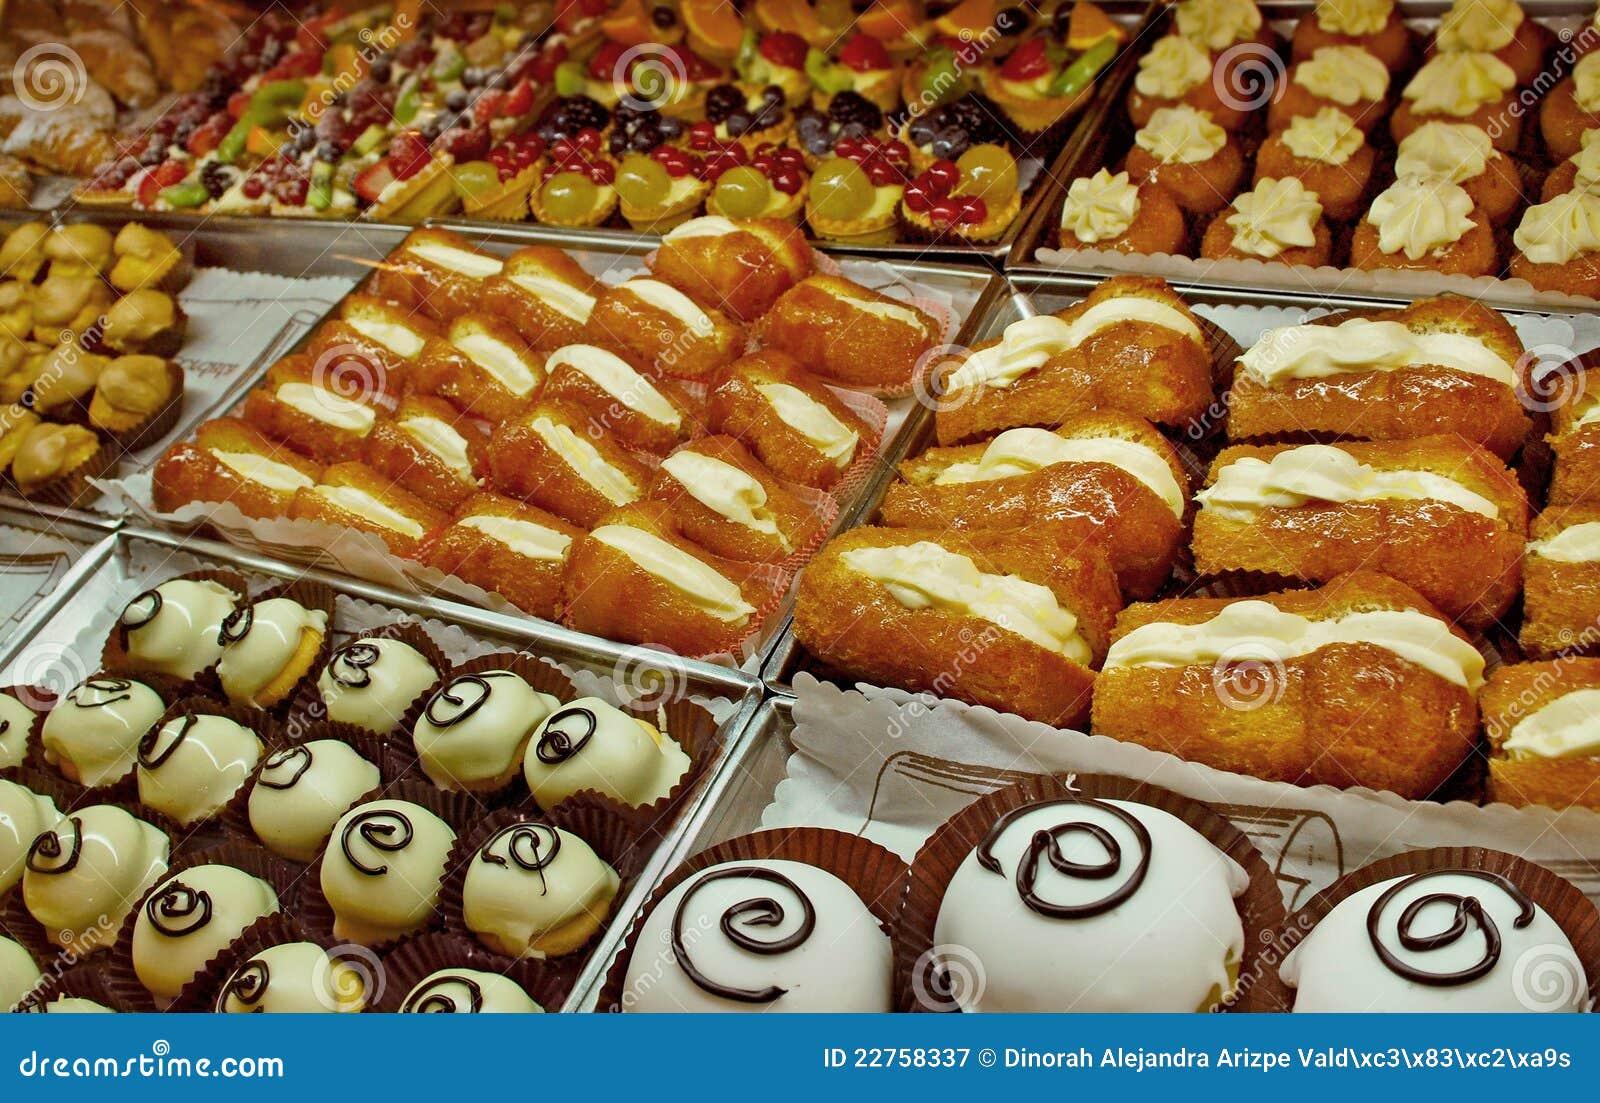 Desserts het italiaanse koken stock afbeelding afbeelding 22758337 - Koken afbeelding ...